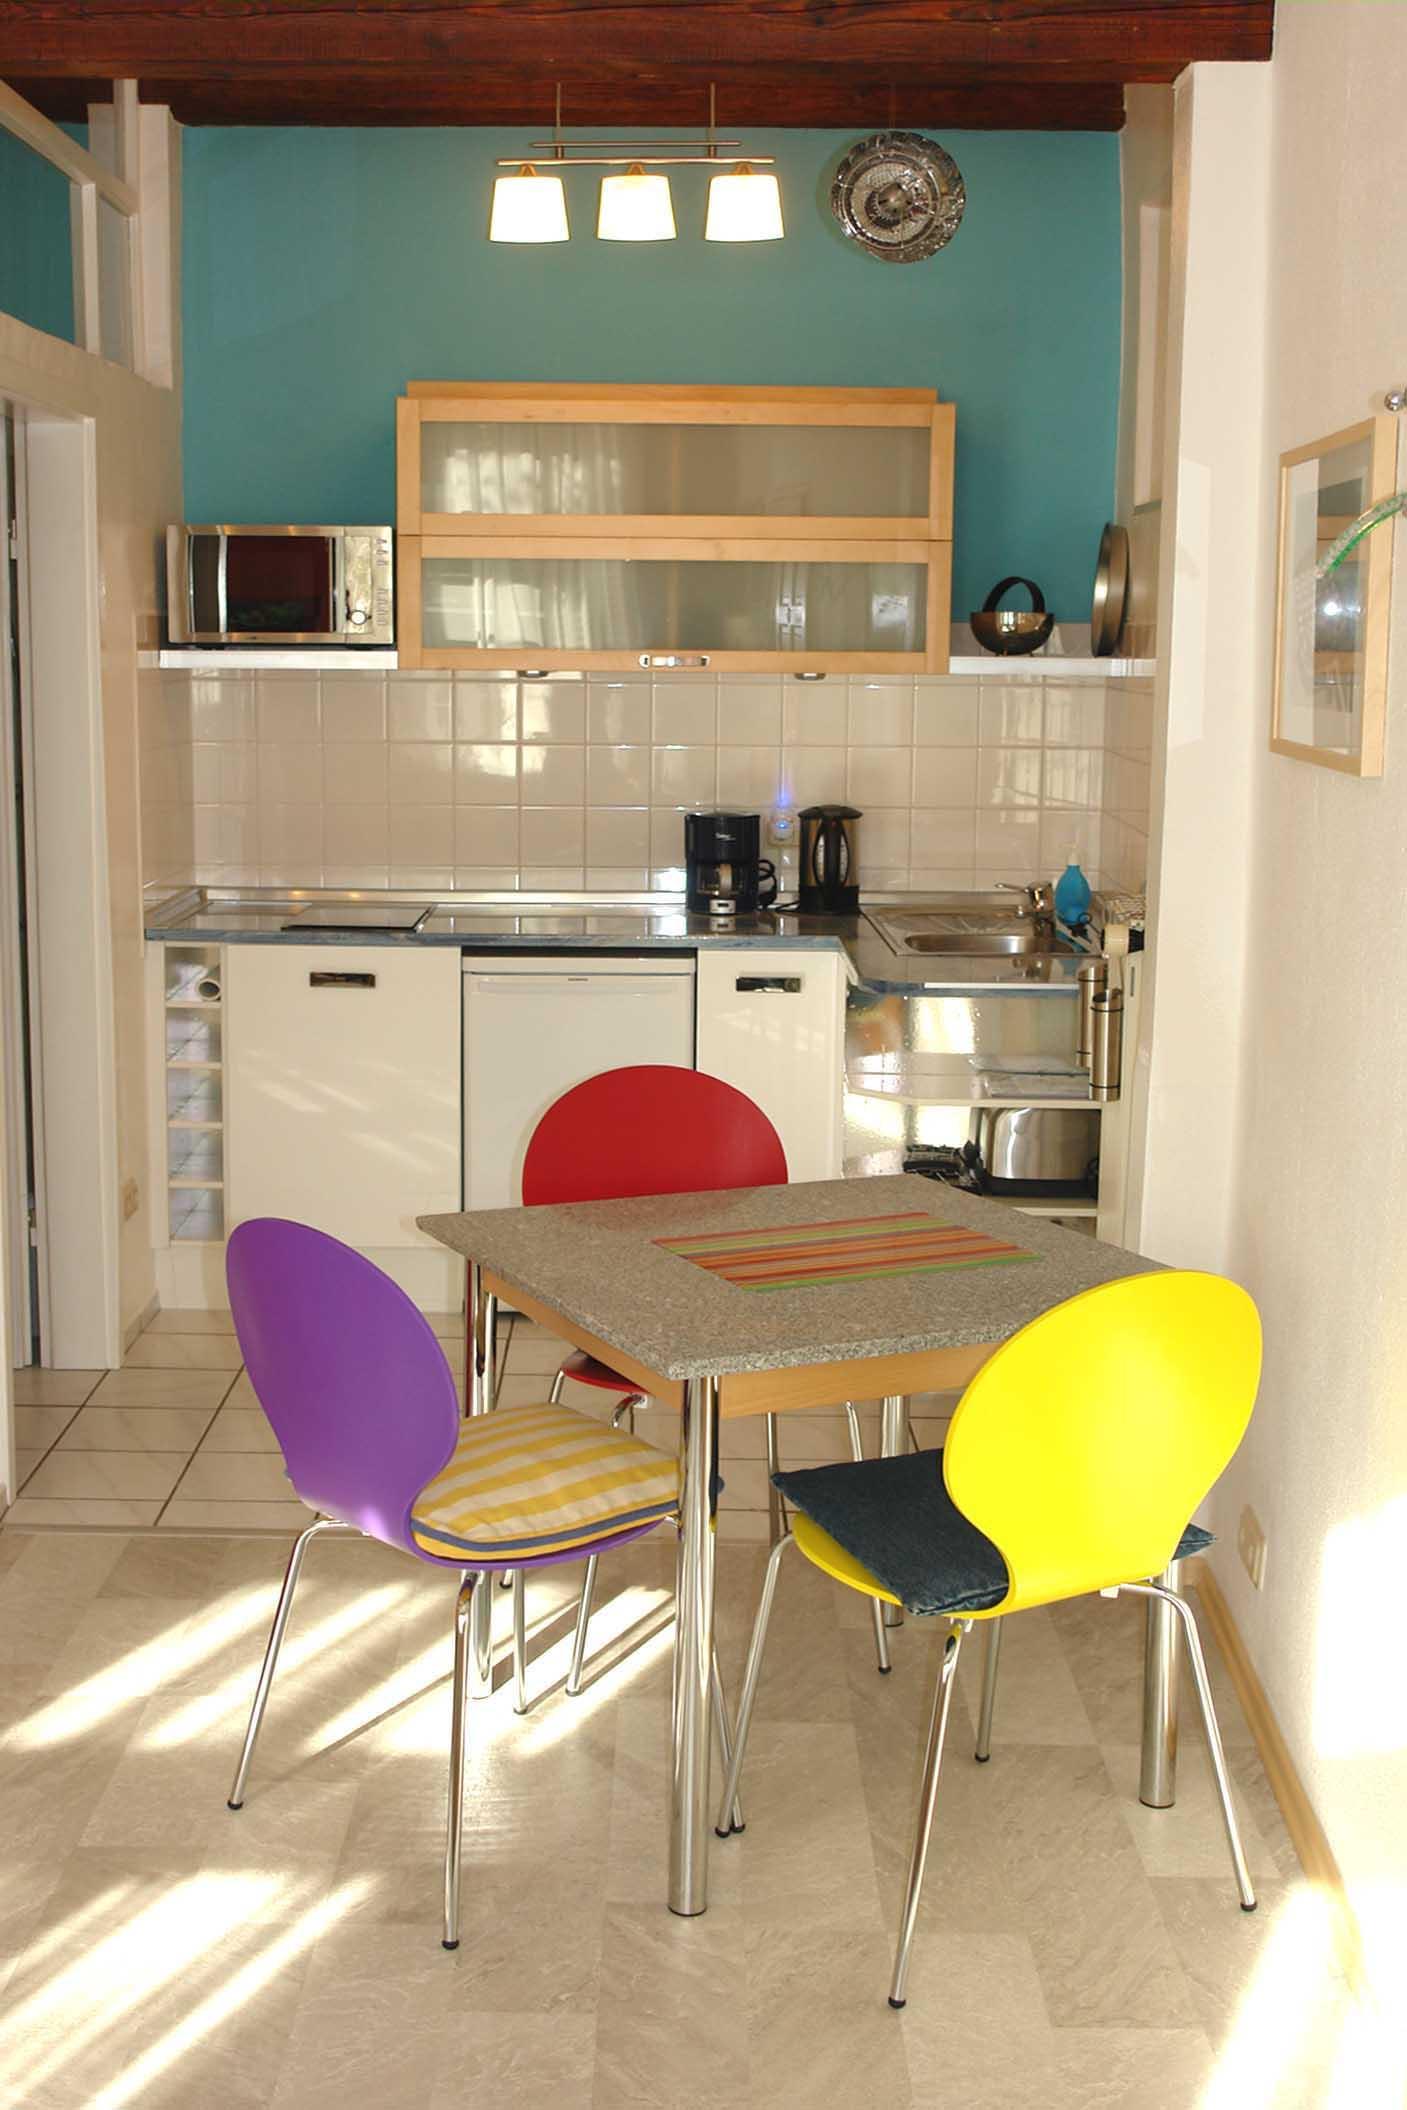 schlafbereich f rmax 2 personen ein bett von 140 cm x 200 cm. Black Bedroom Furniture Sets. Home Design Ideas